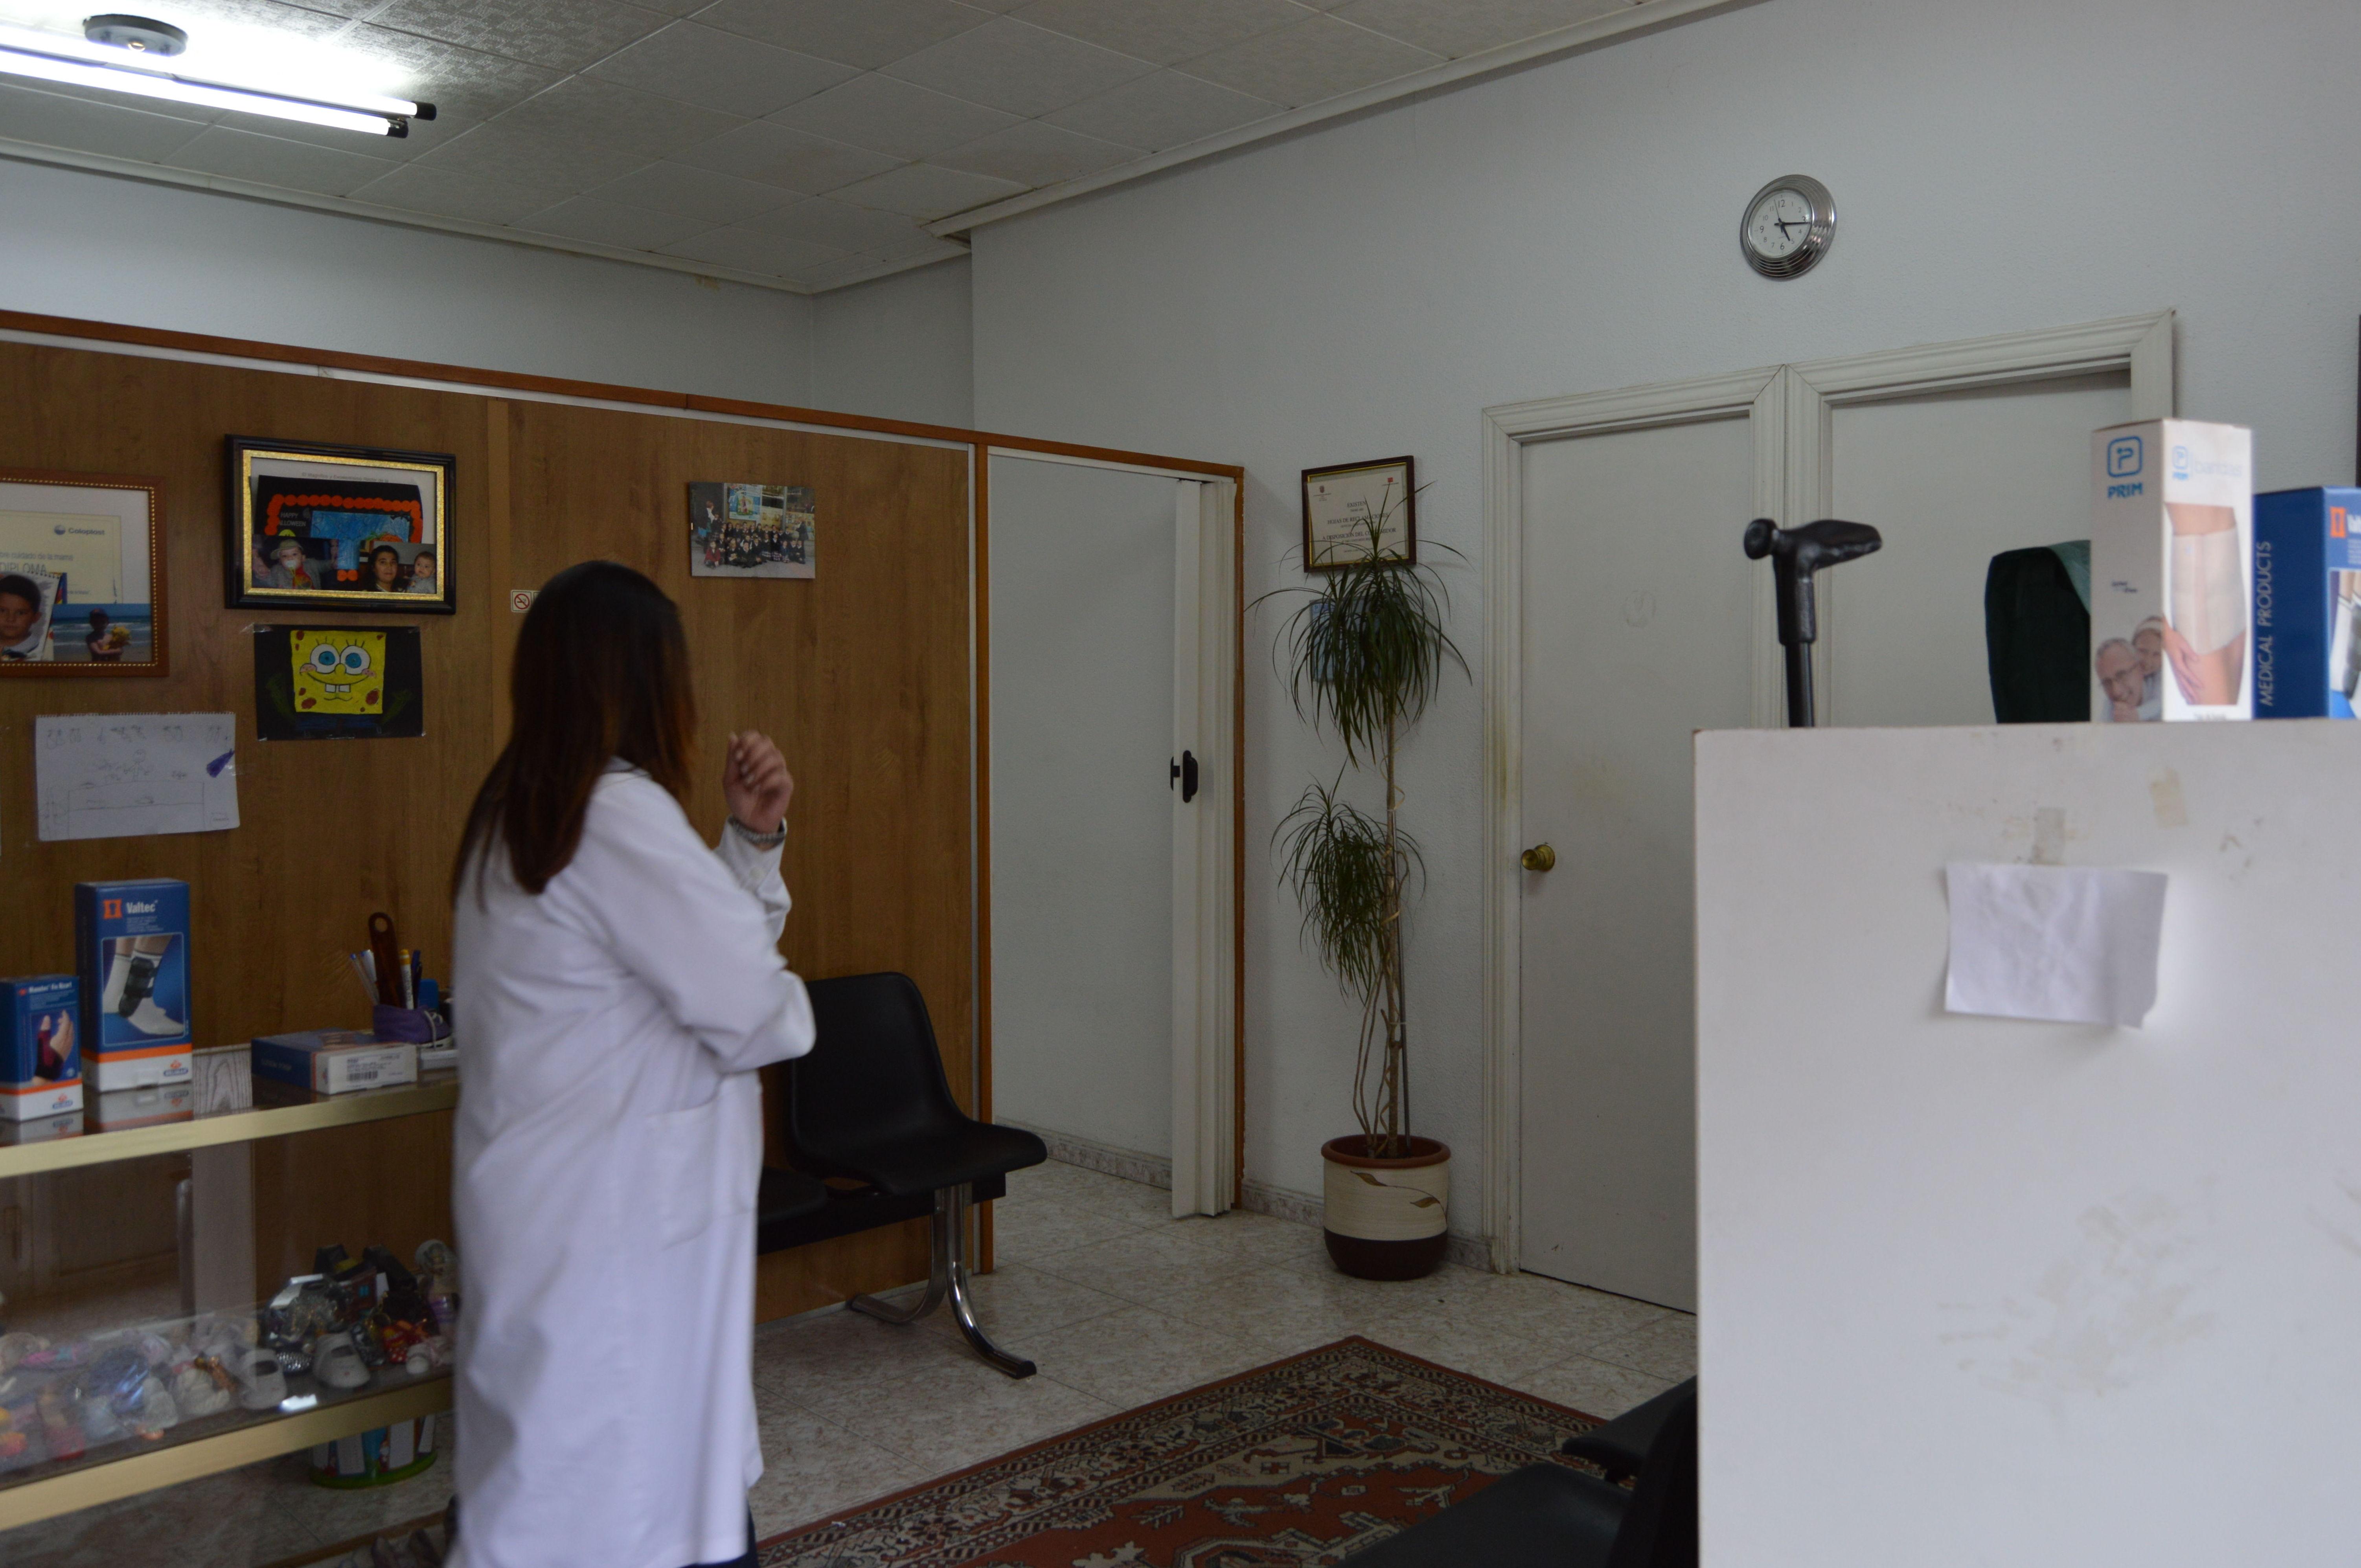 Ortopedia Orto-lar en Móstoles